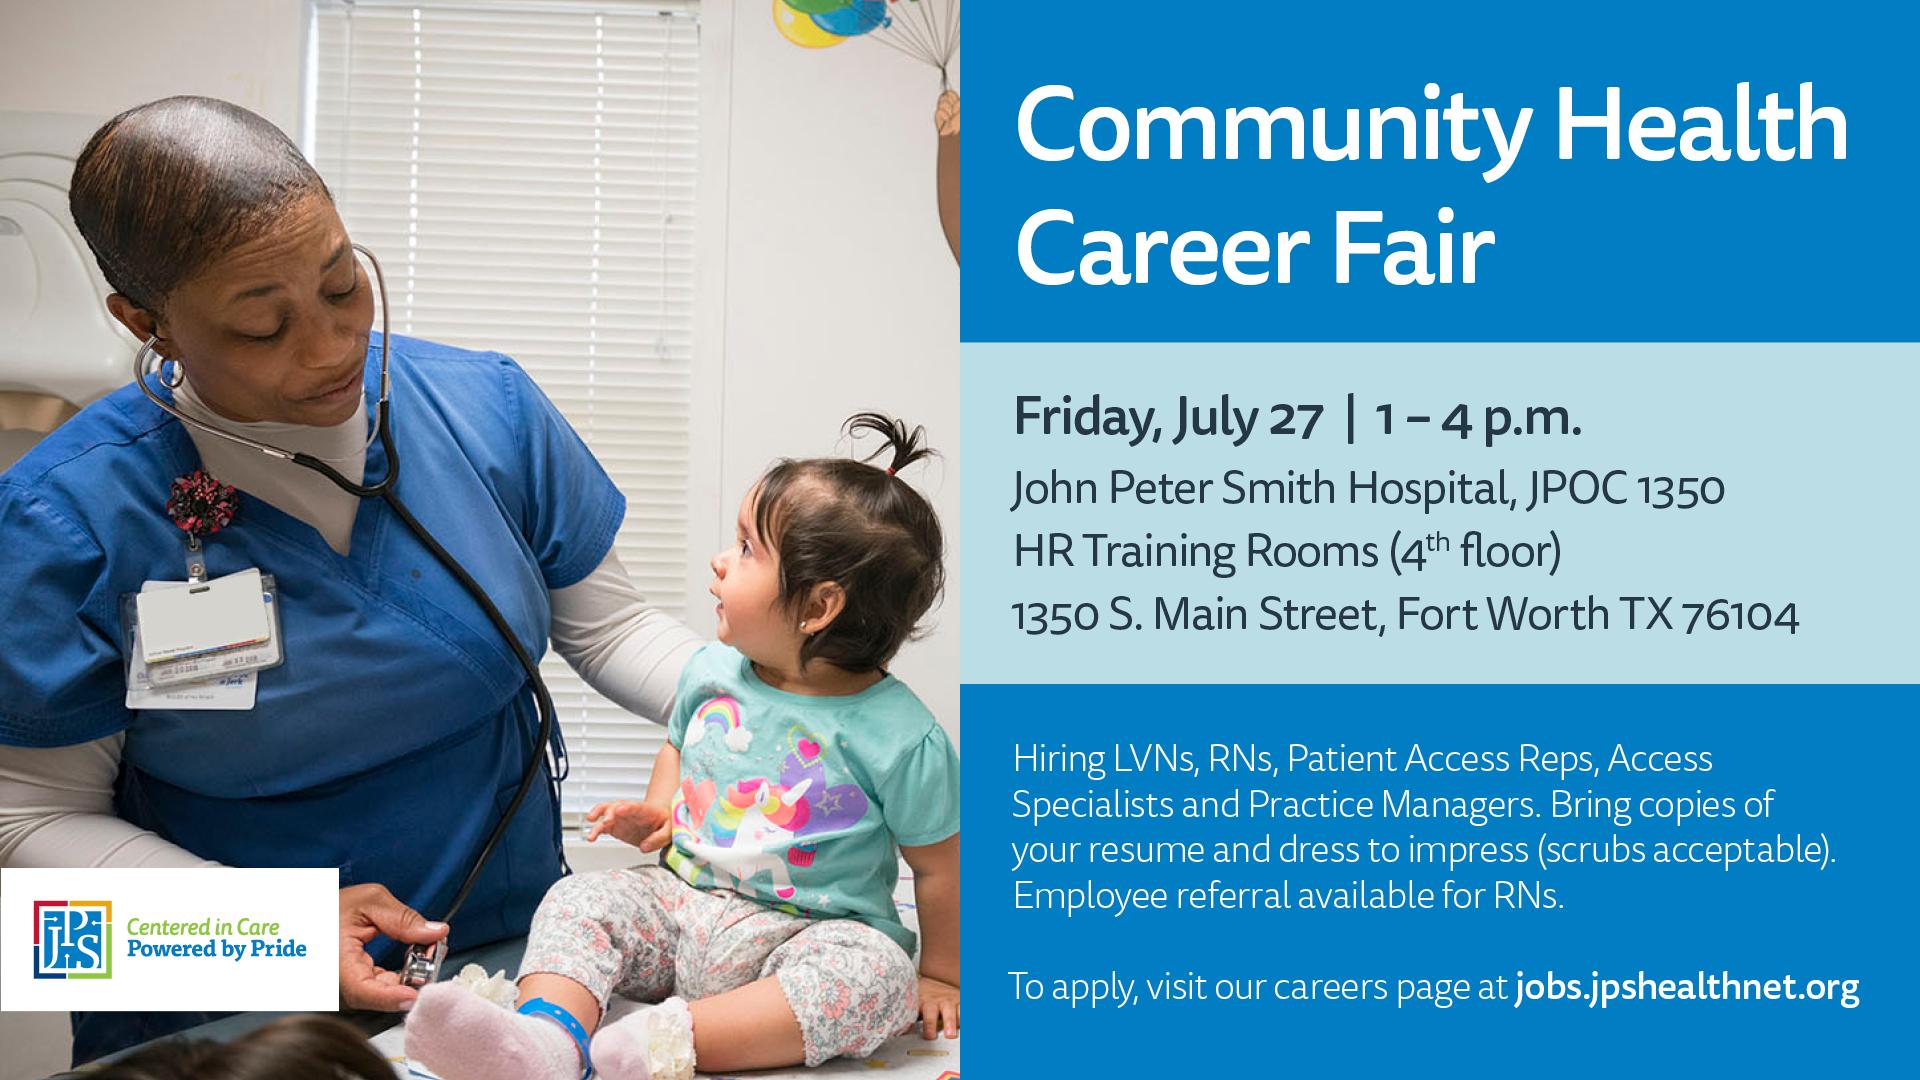 Community Health Career Fair flyer